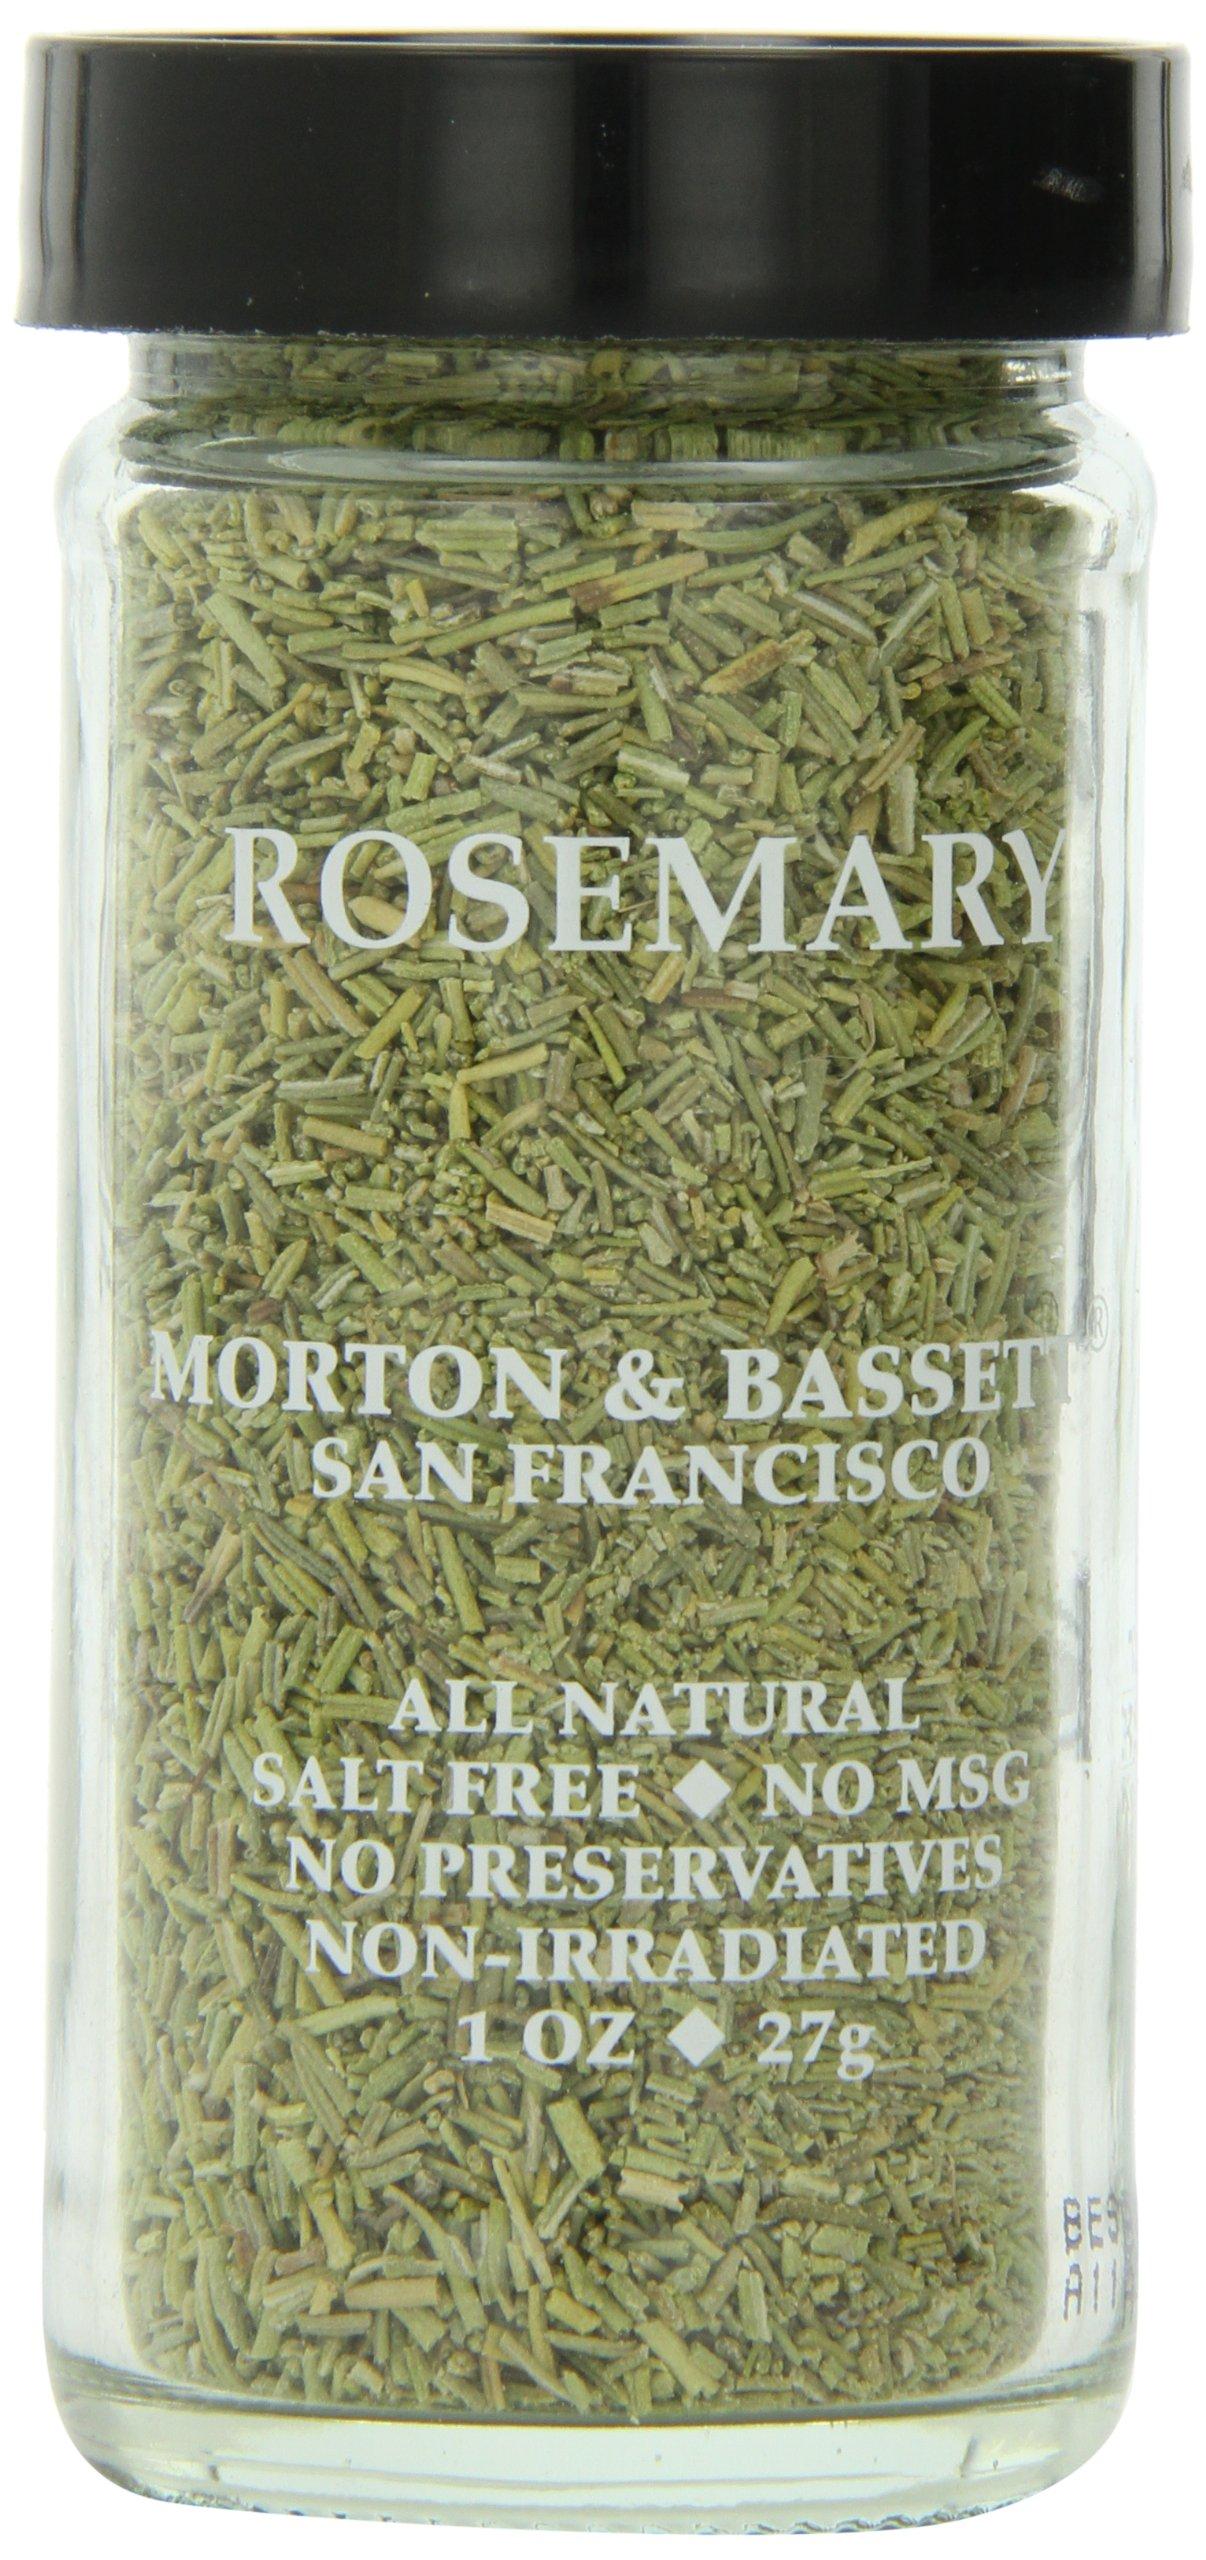 Morton & Bassett Rosemary, 1-Ounce Jars (Pack of 3)